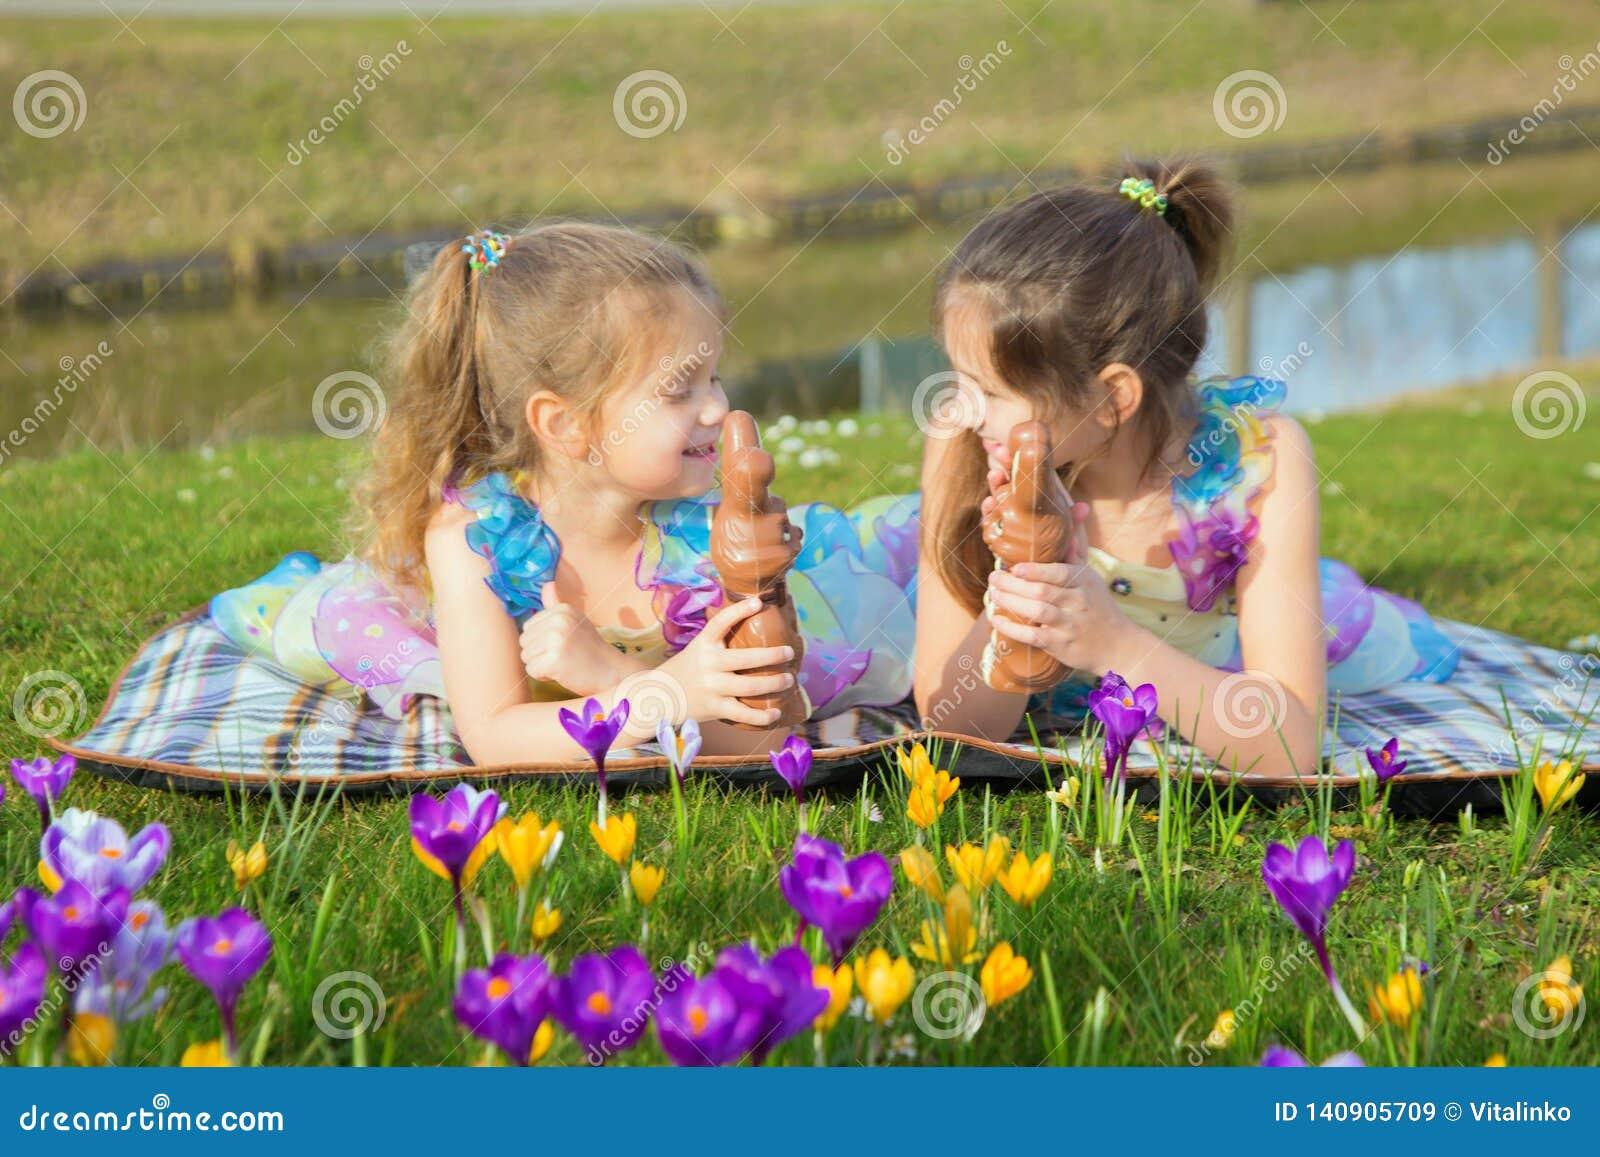 Zwei gleichmäßig gekleidete kleine Schwestern liegen unter den Blumen